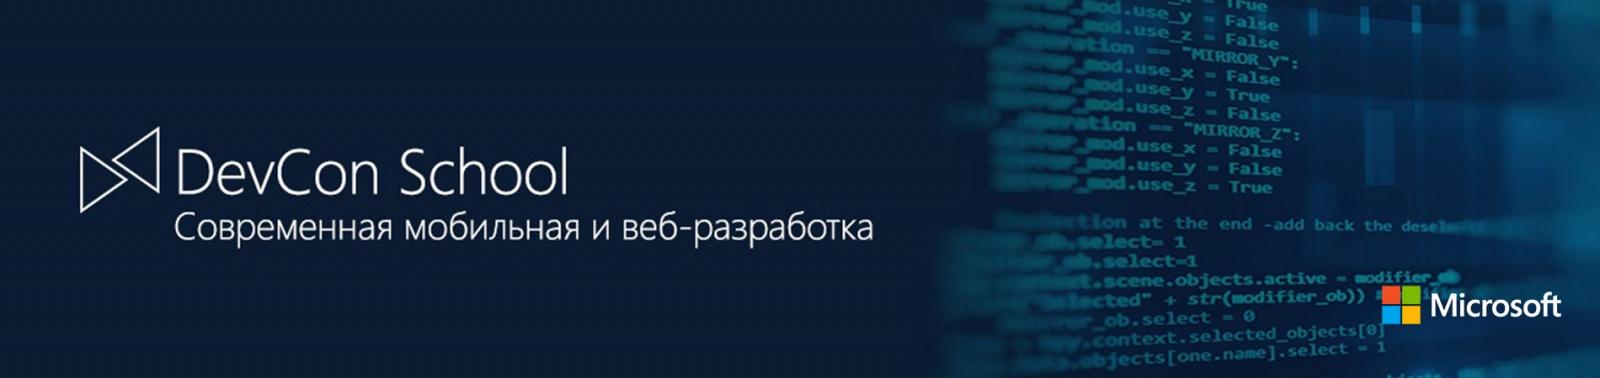 Хочешь узнать всё о веб- и мобильной разработке? Спроси меня как: DevCon School IV - 1